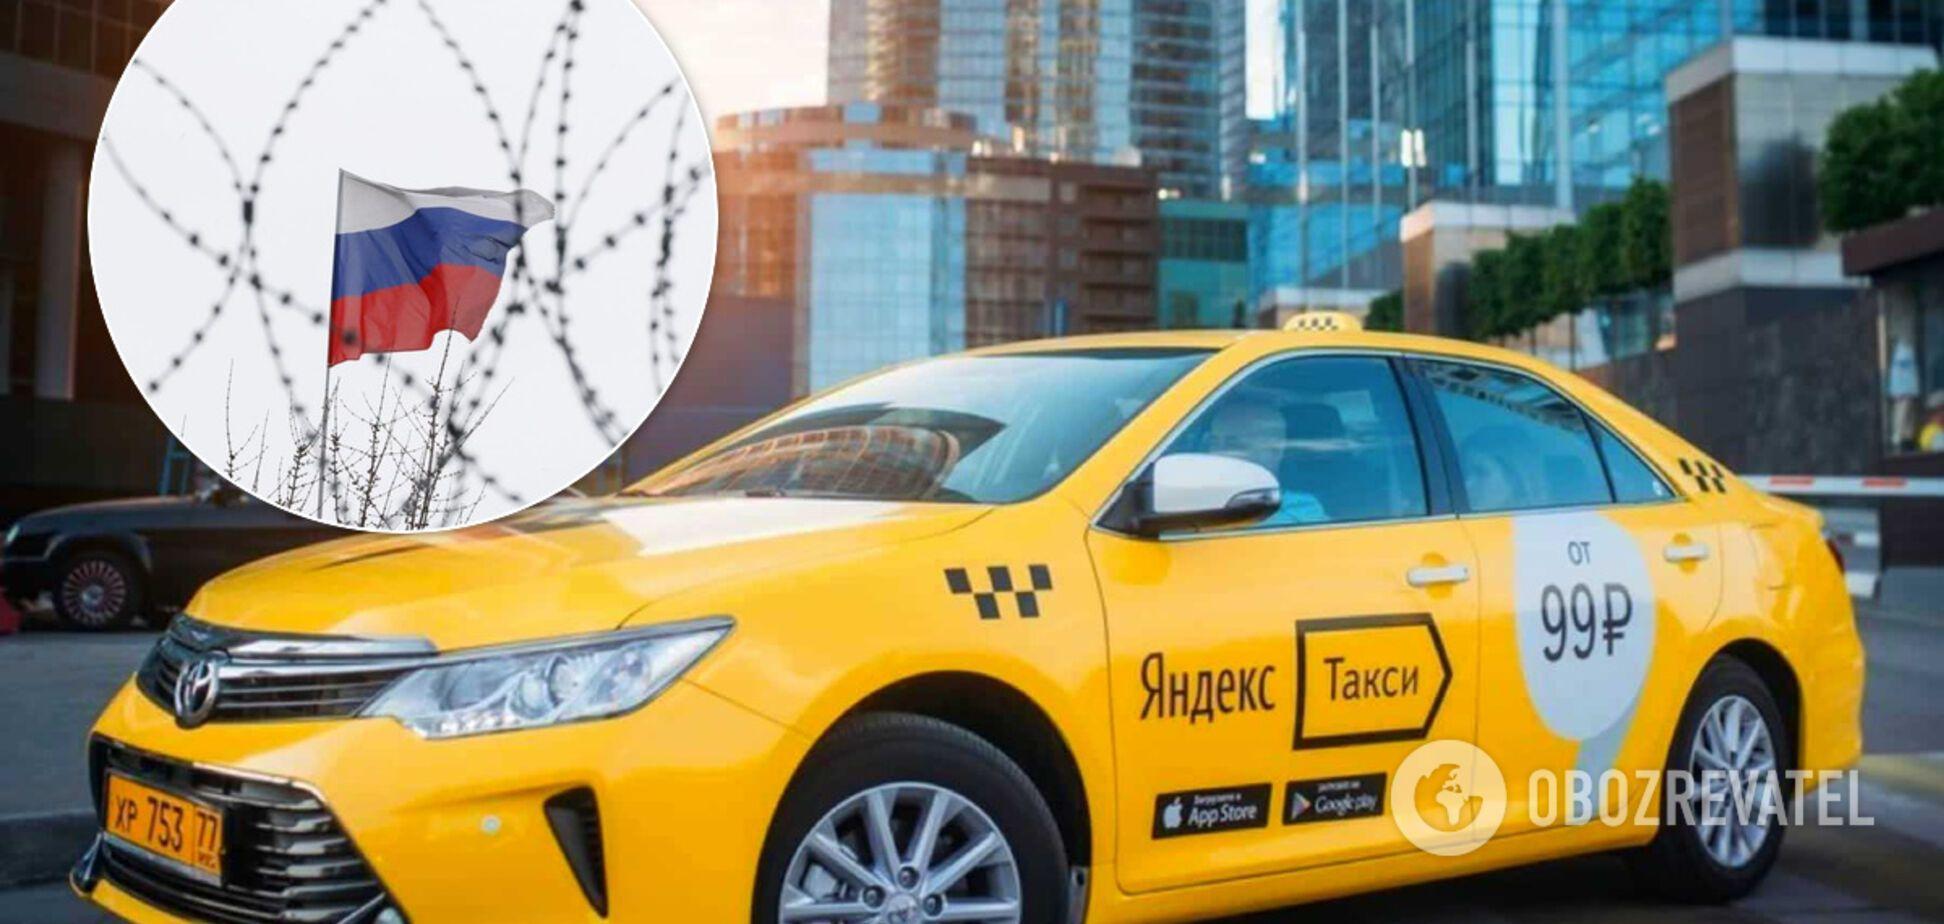 В Латвии заблокировали российский сервис ''Яндекс.Такси''